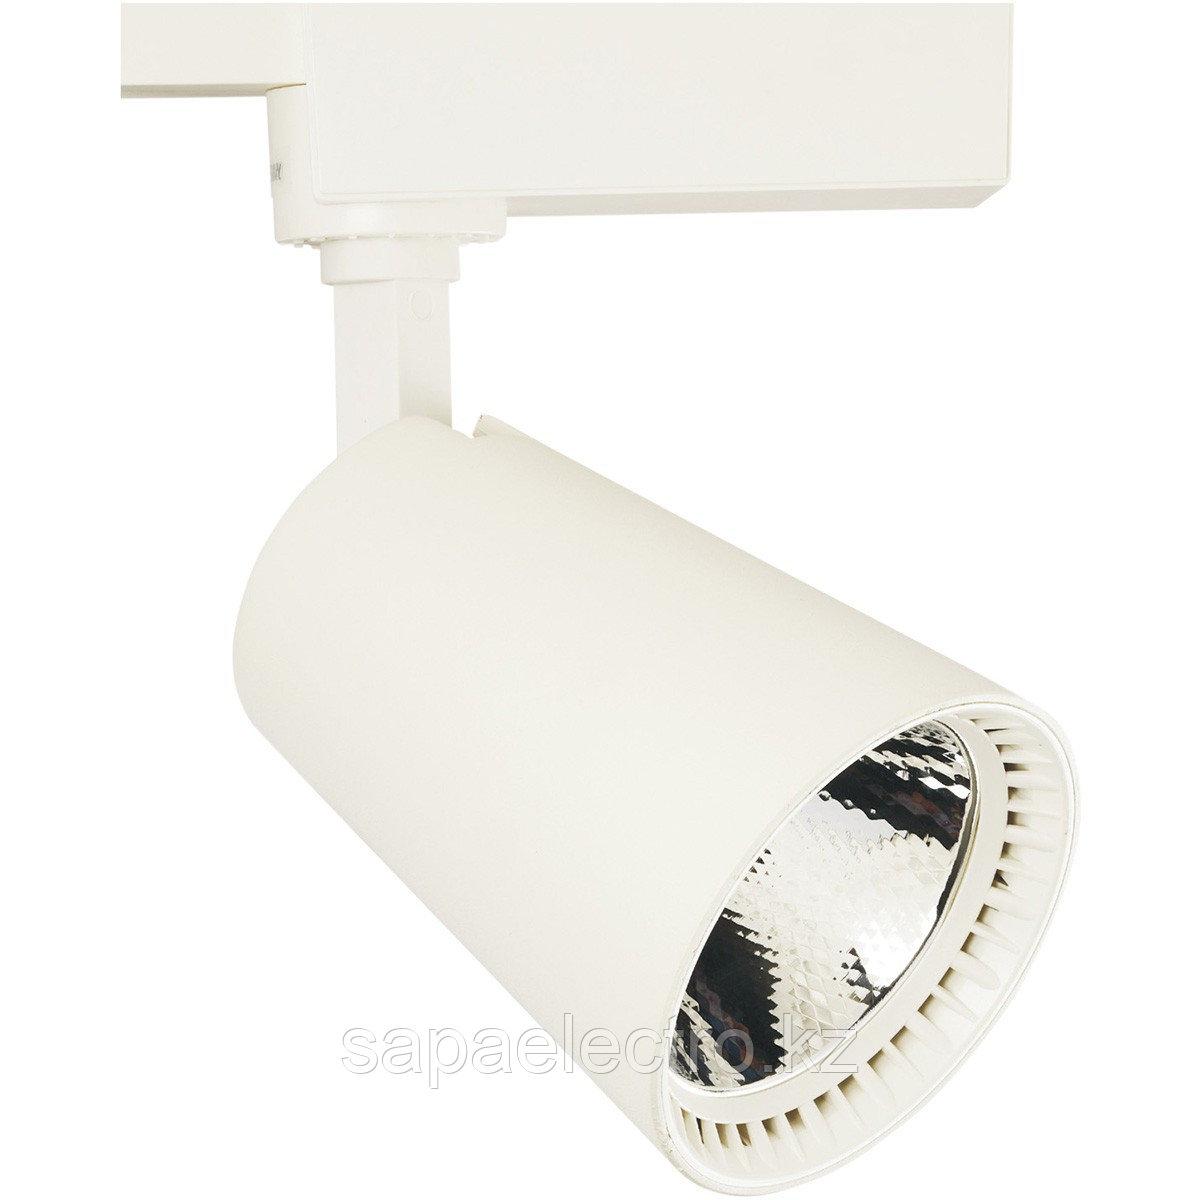 Свет-к LED LS-002-105 (9018L) 30W 3000K WHITE (TS)2